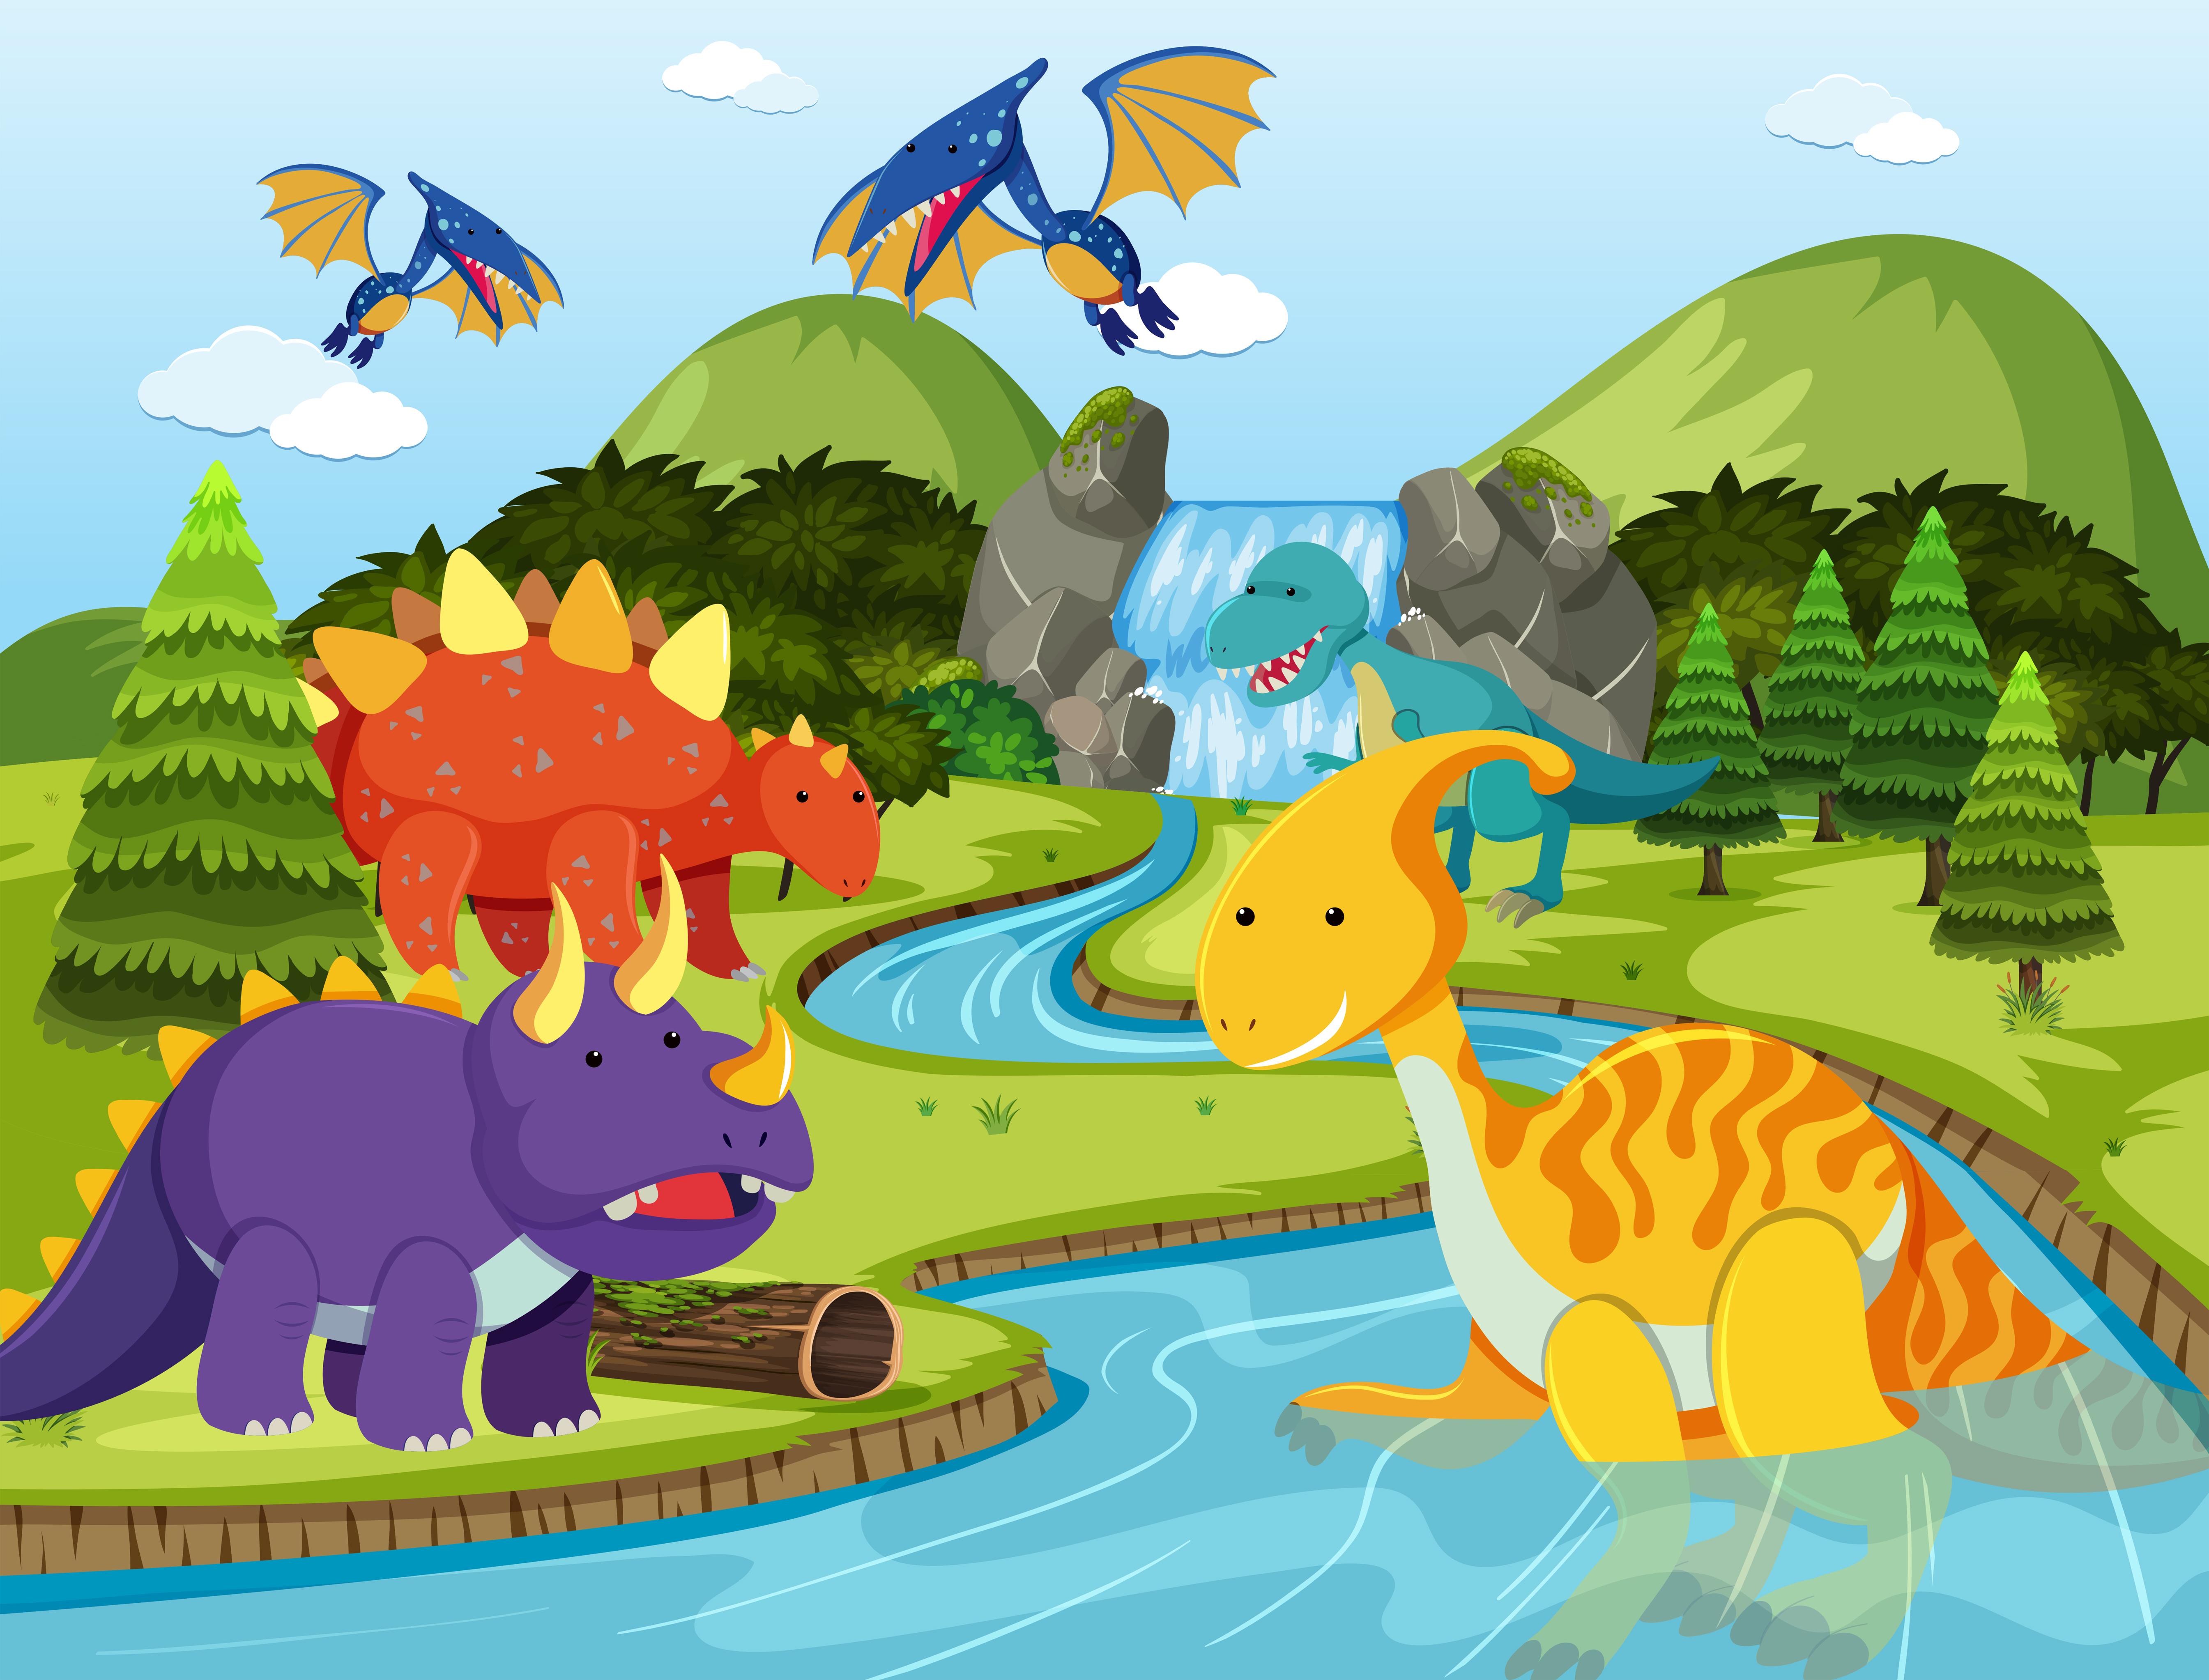 恐龍可愛版 免費下載   天天瘋後製